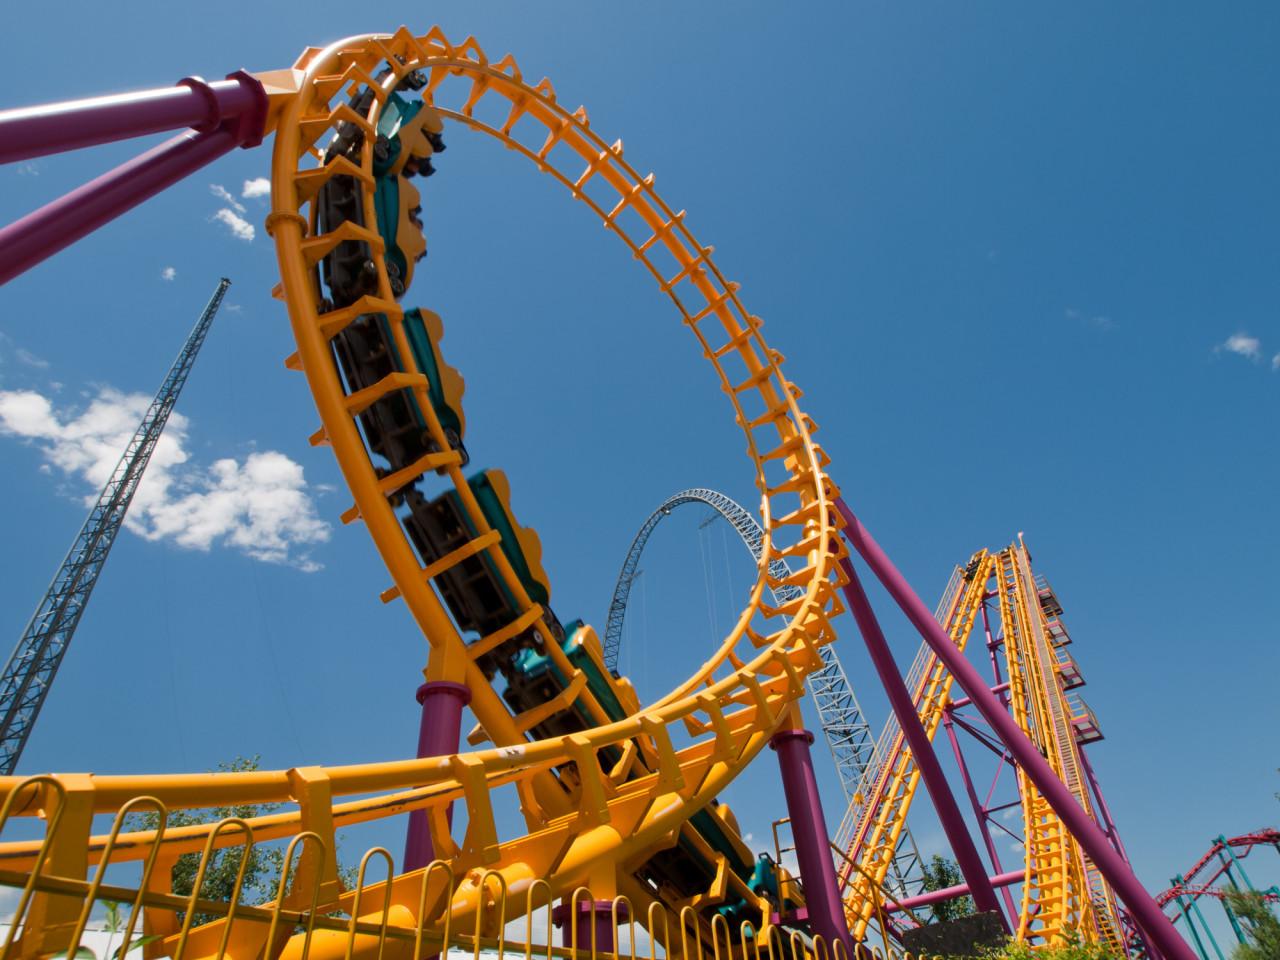 Les parcs à thème pourront rouvrir le 19 mai et les attractions dès le 9 juin